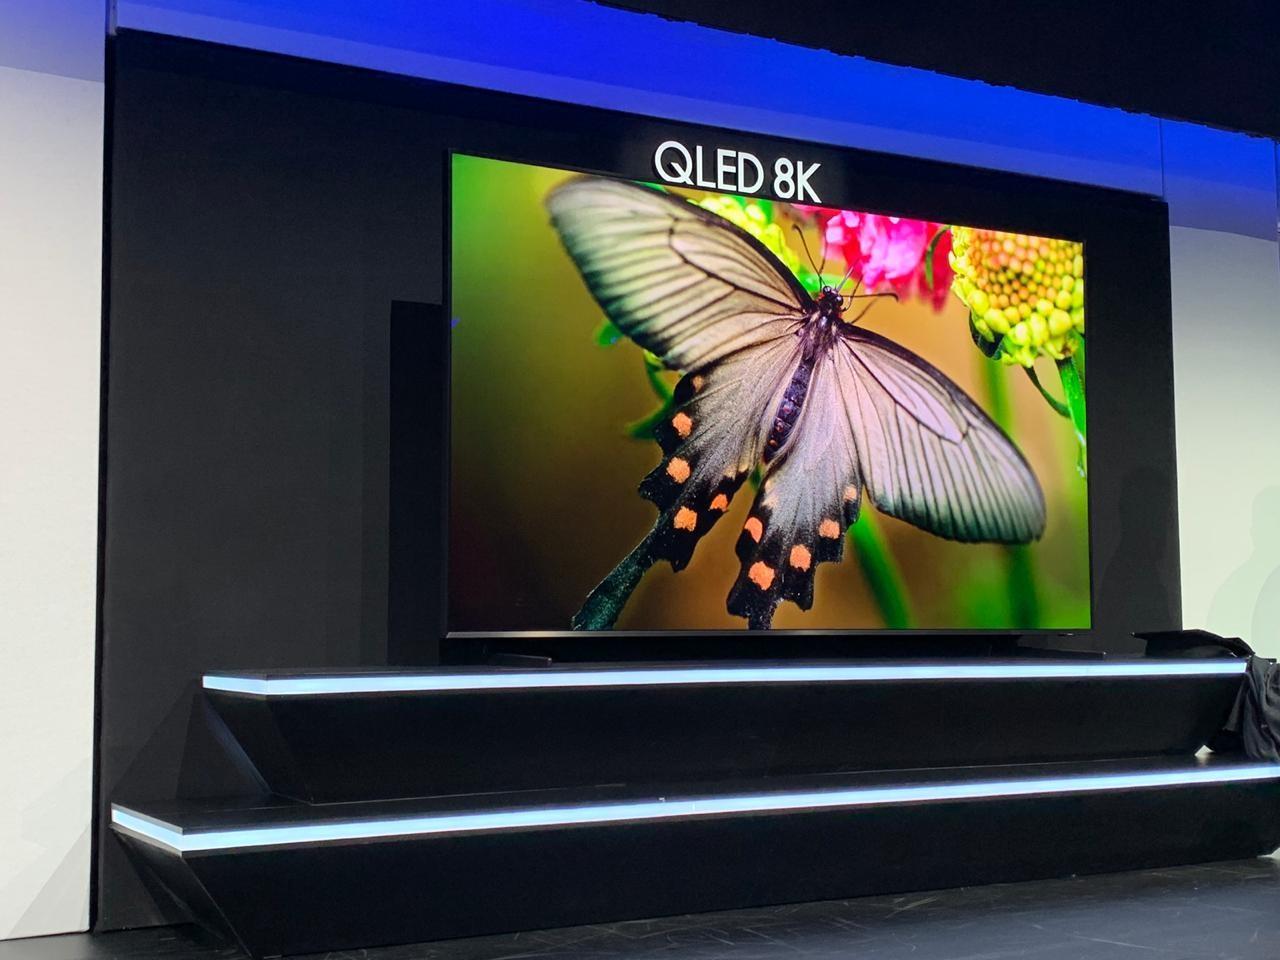 Samsung vai encerrar produção de telas LCD no final deste ano